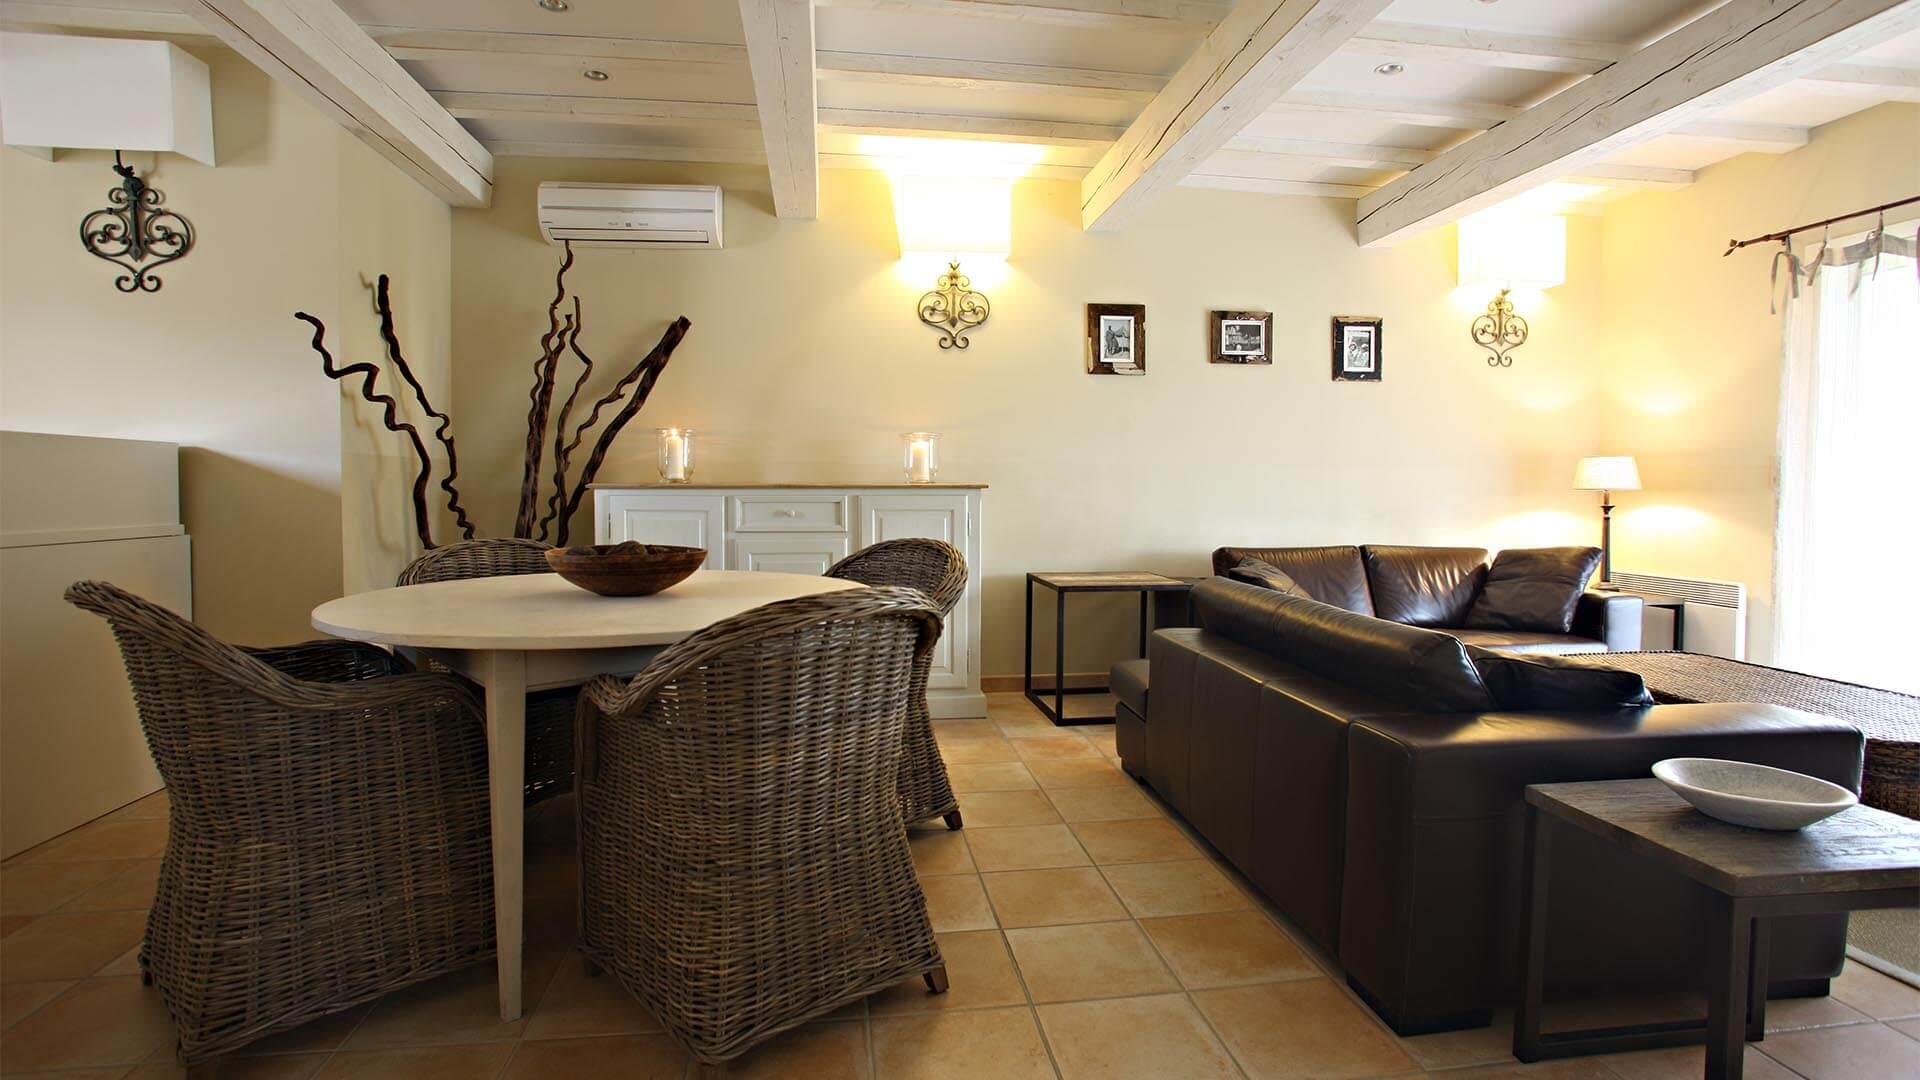 Maison de vacances à louer Luberon | Villa sous la tonnelle | Salon, salle à manger avec climatisation